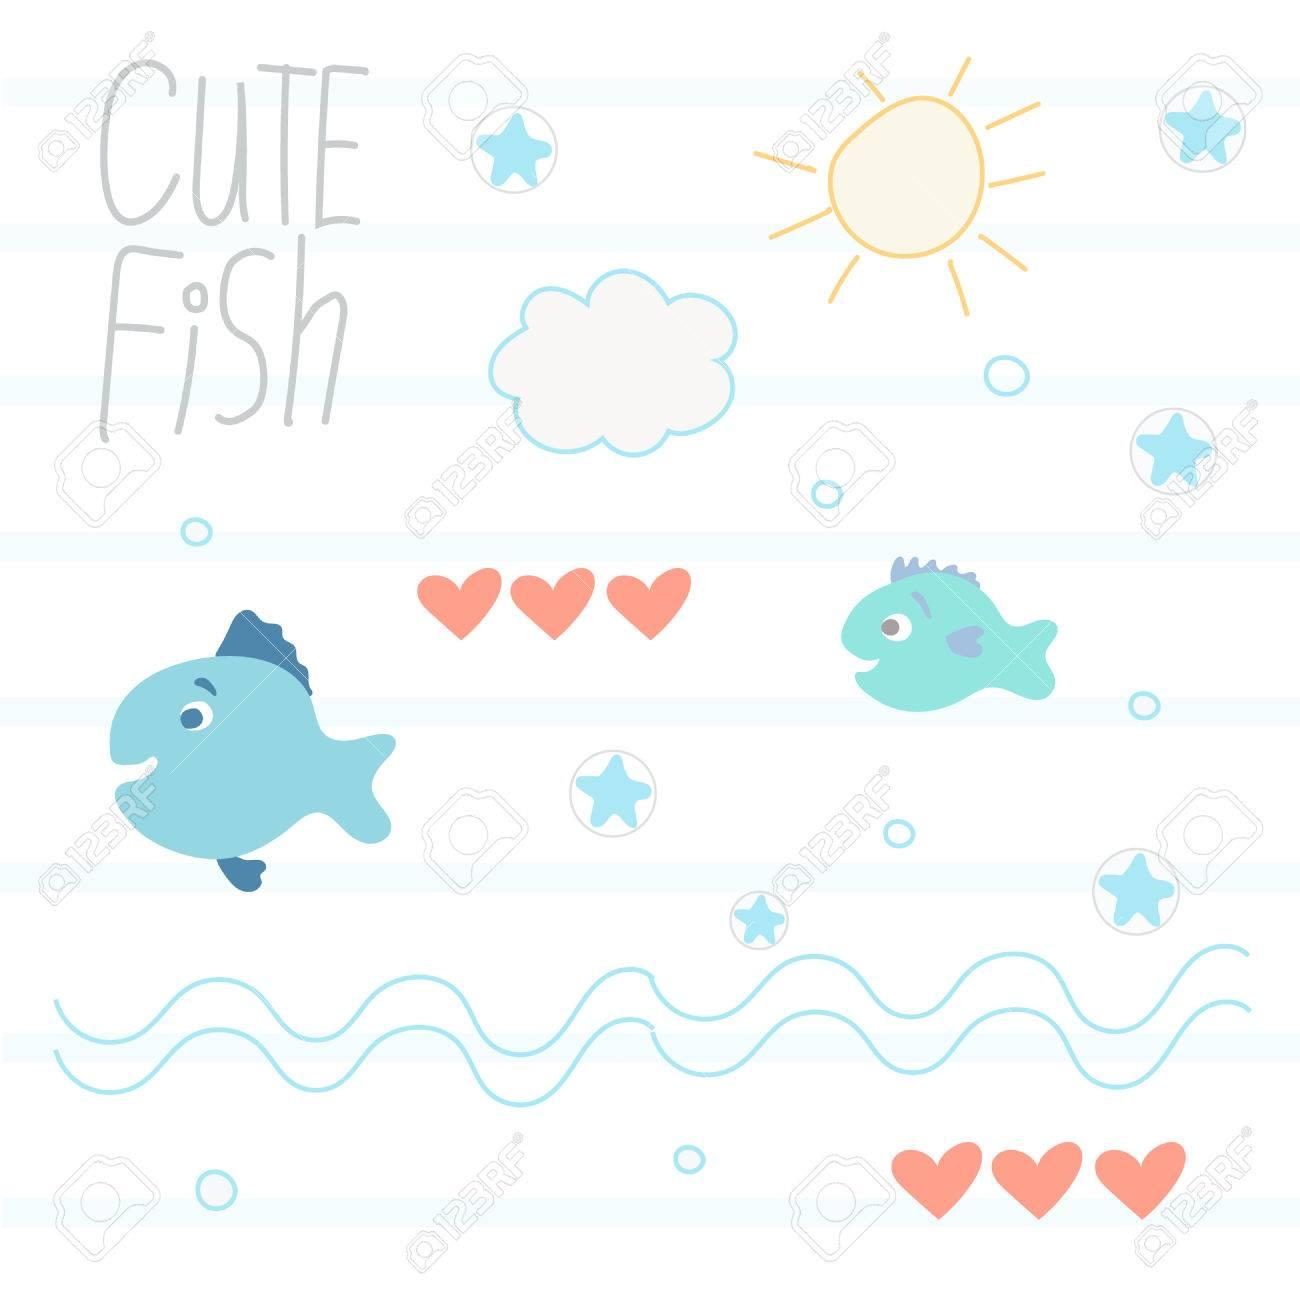 かわいい魚イラスト ロイヤリティフリークリップアート、ベクター